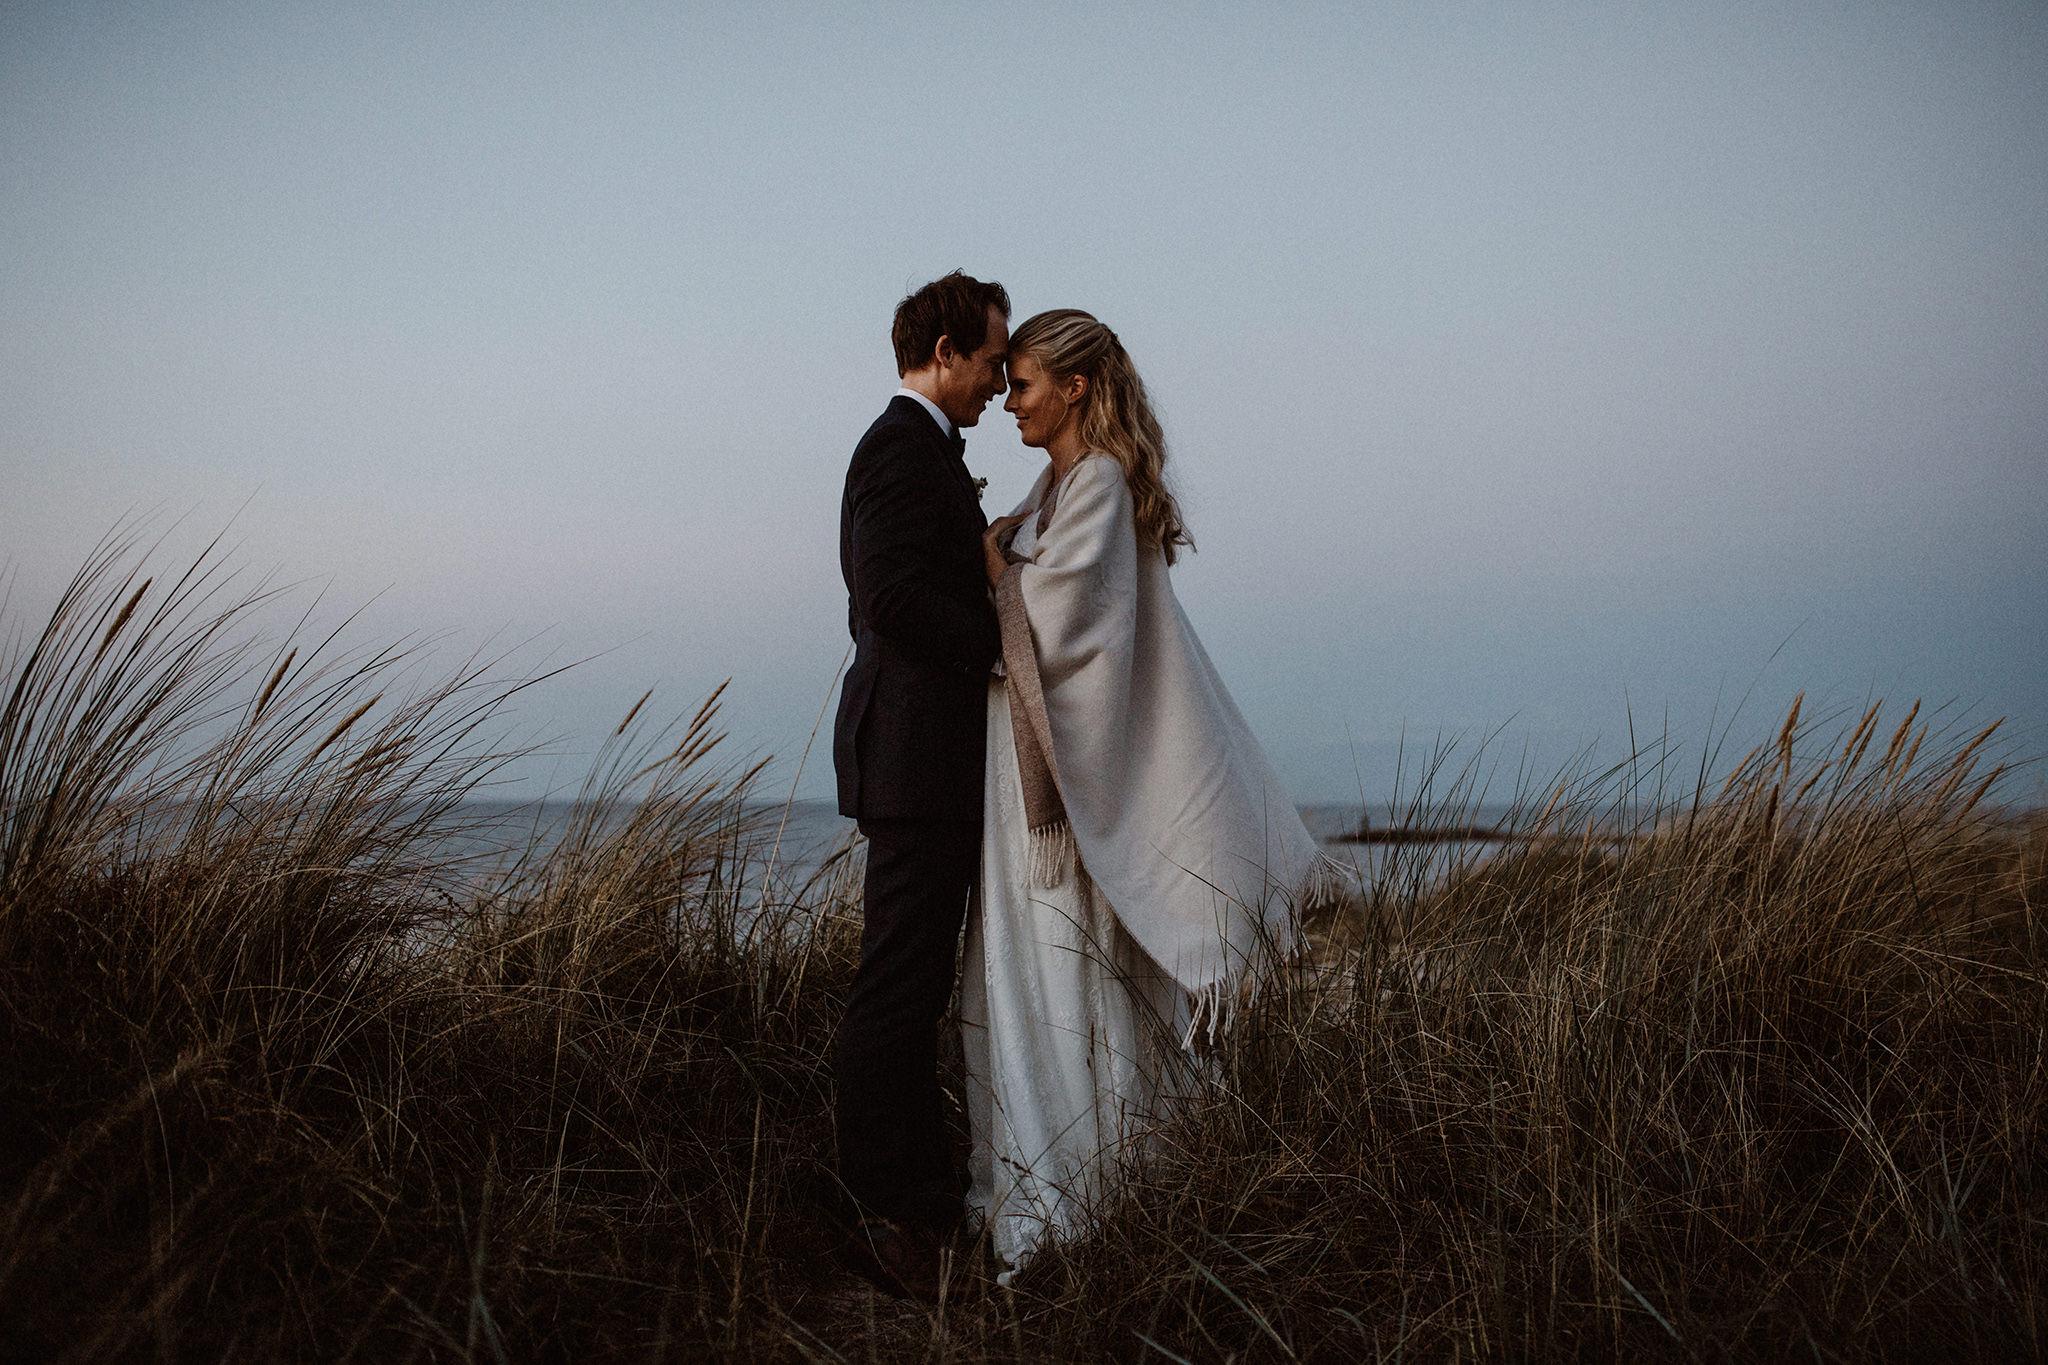 hochzeitsfotografie-kiel-norddeutschland-ostsee-afterwedding-41